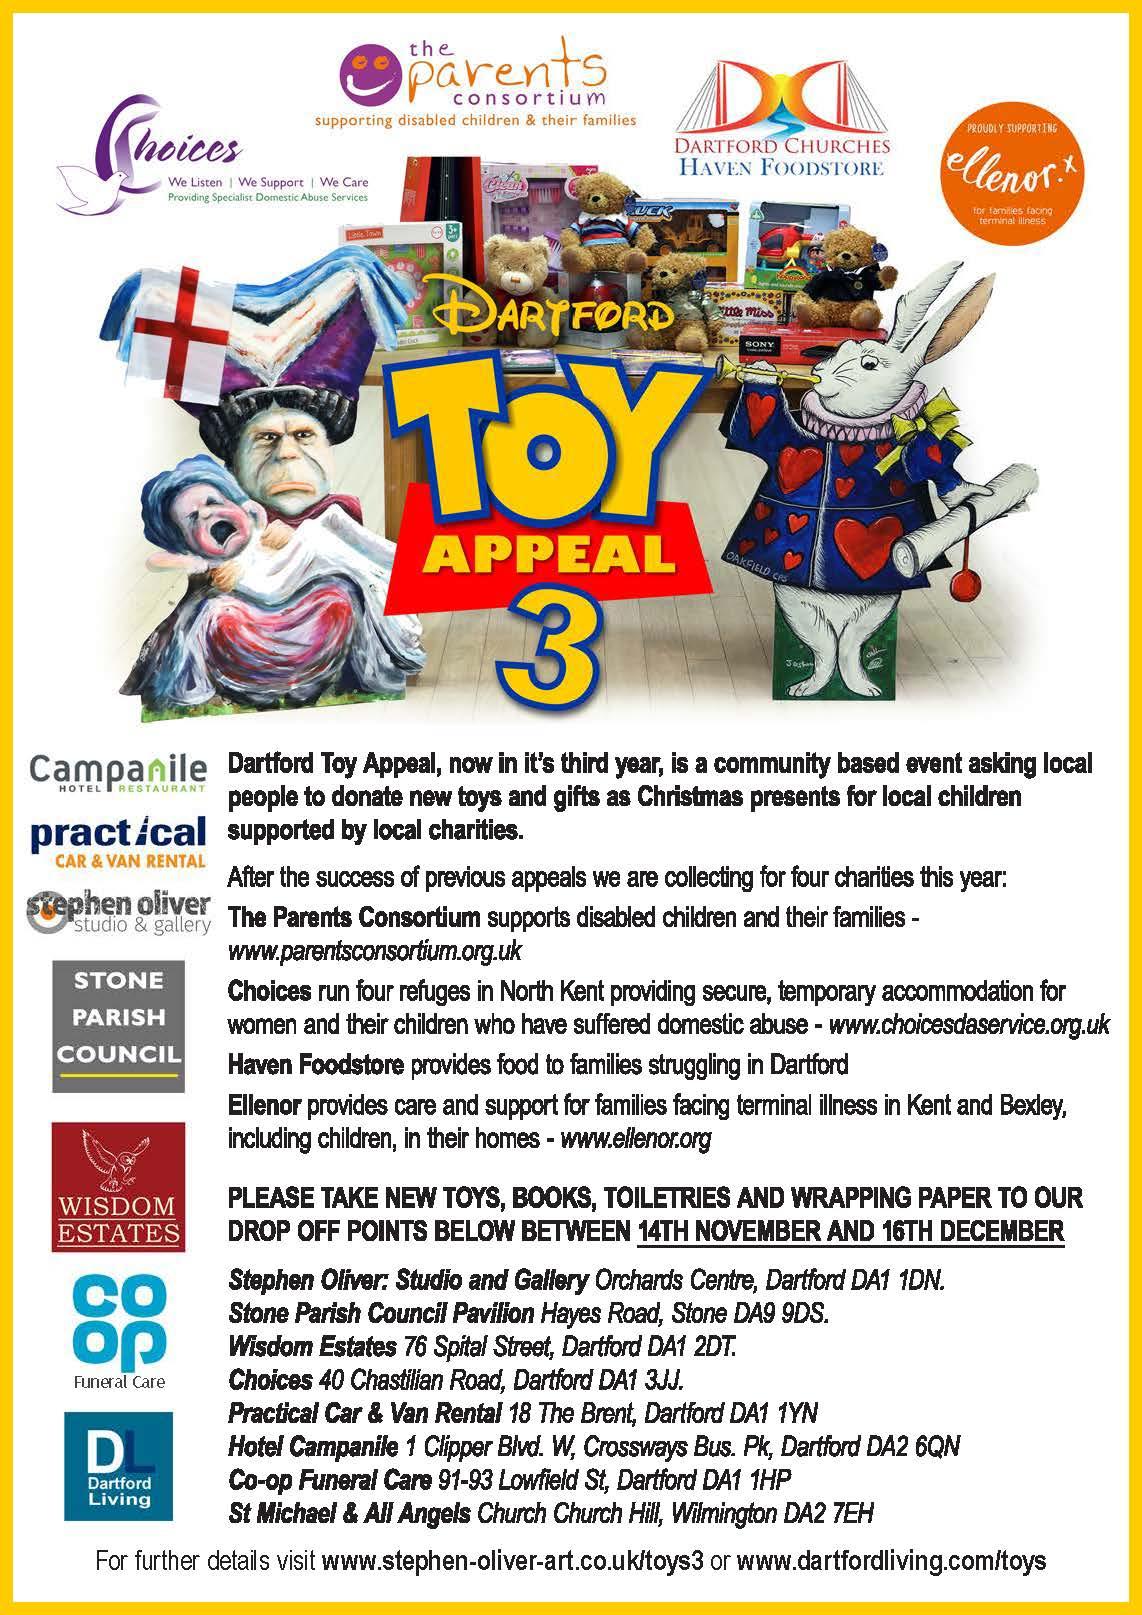 Dartford toy appeal 3 poster